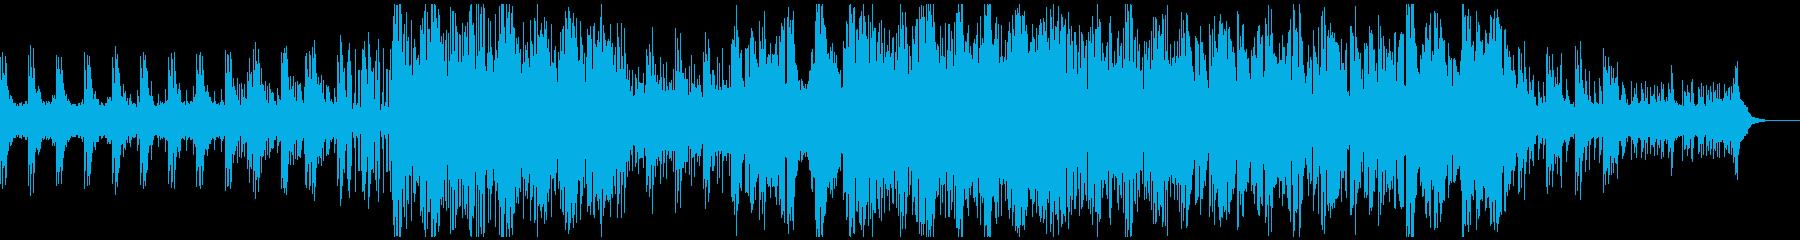 【トークに最適化】落ち着くエレクトロニカの再生済みの波形